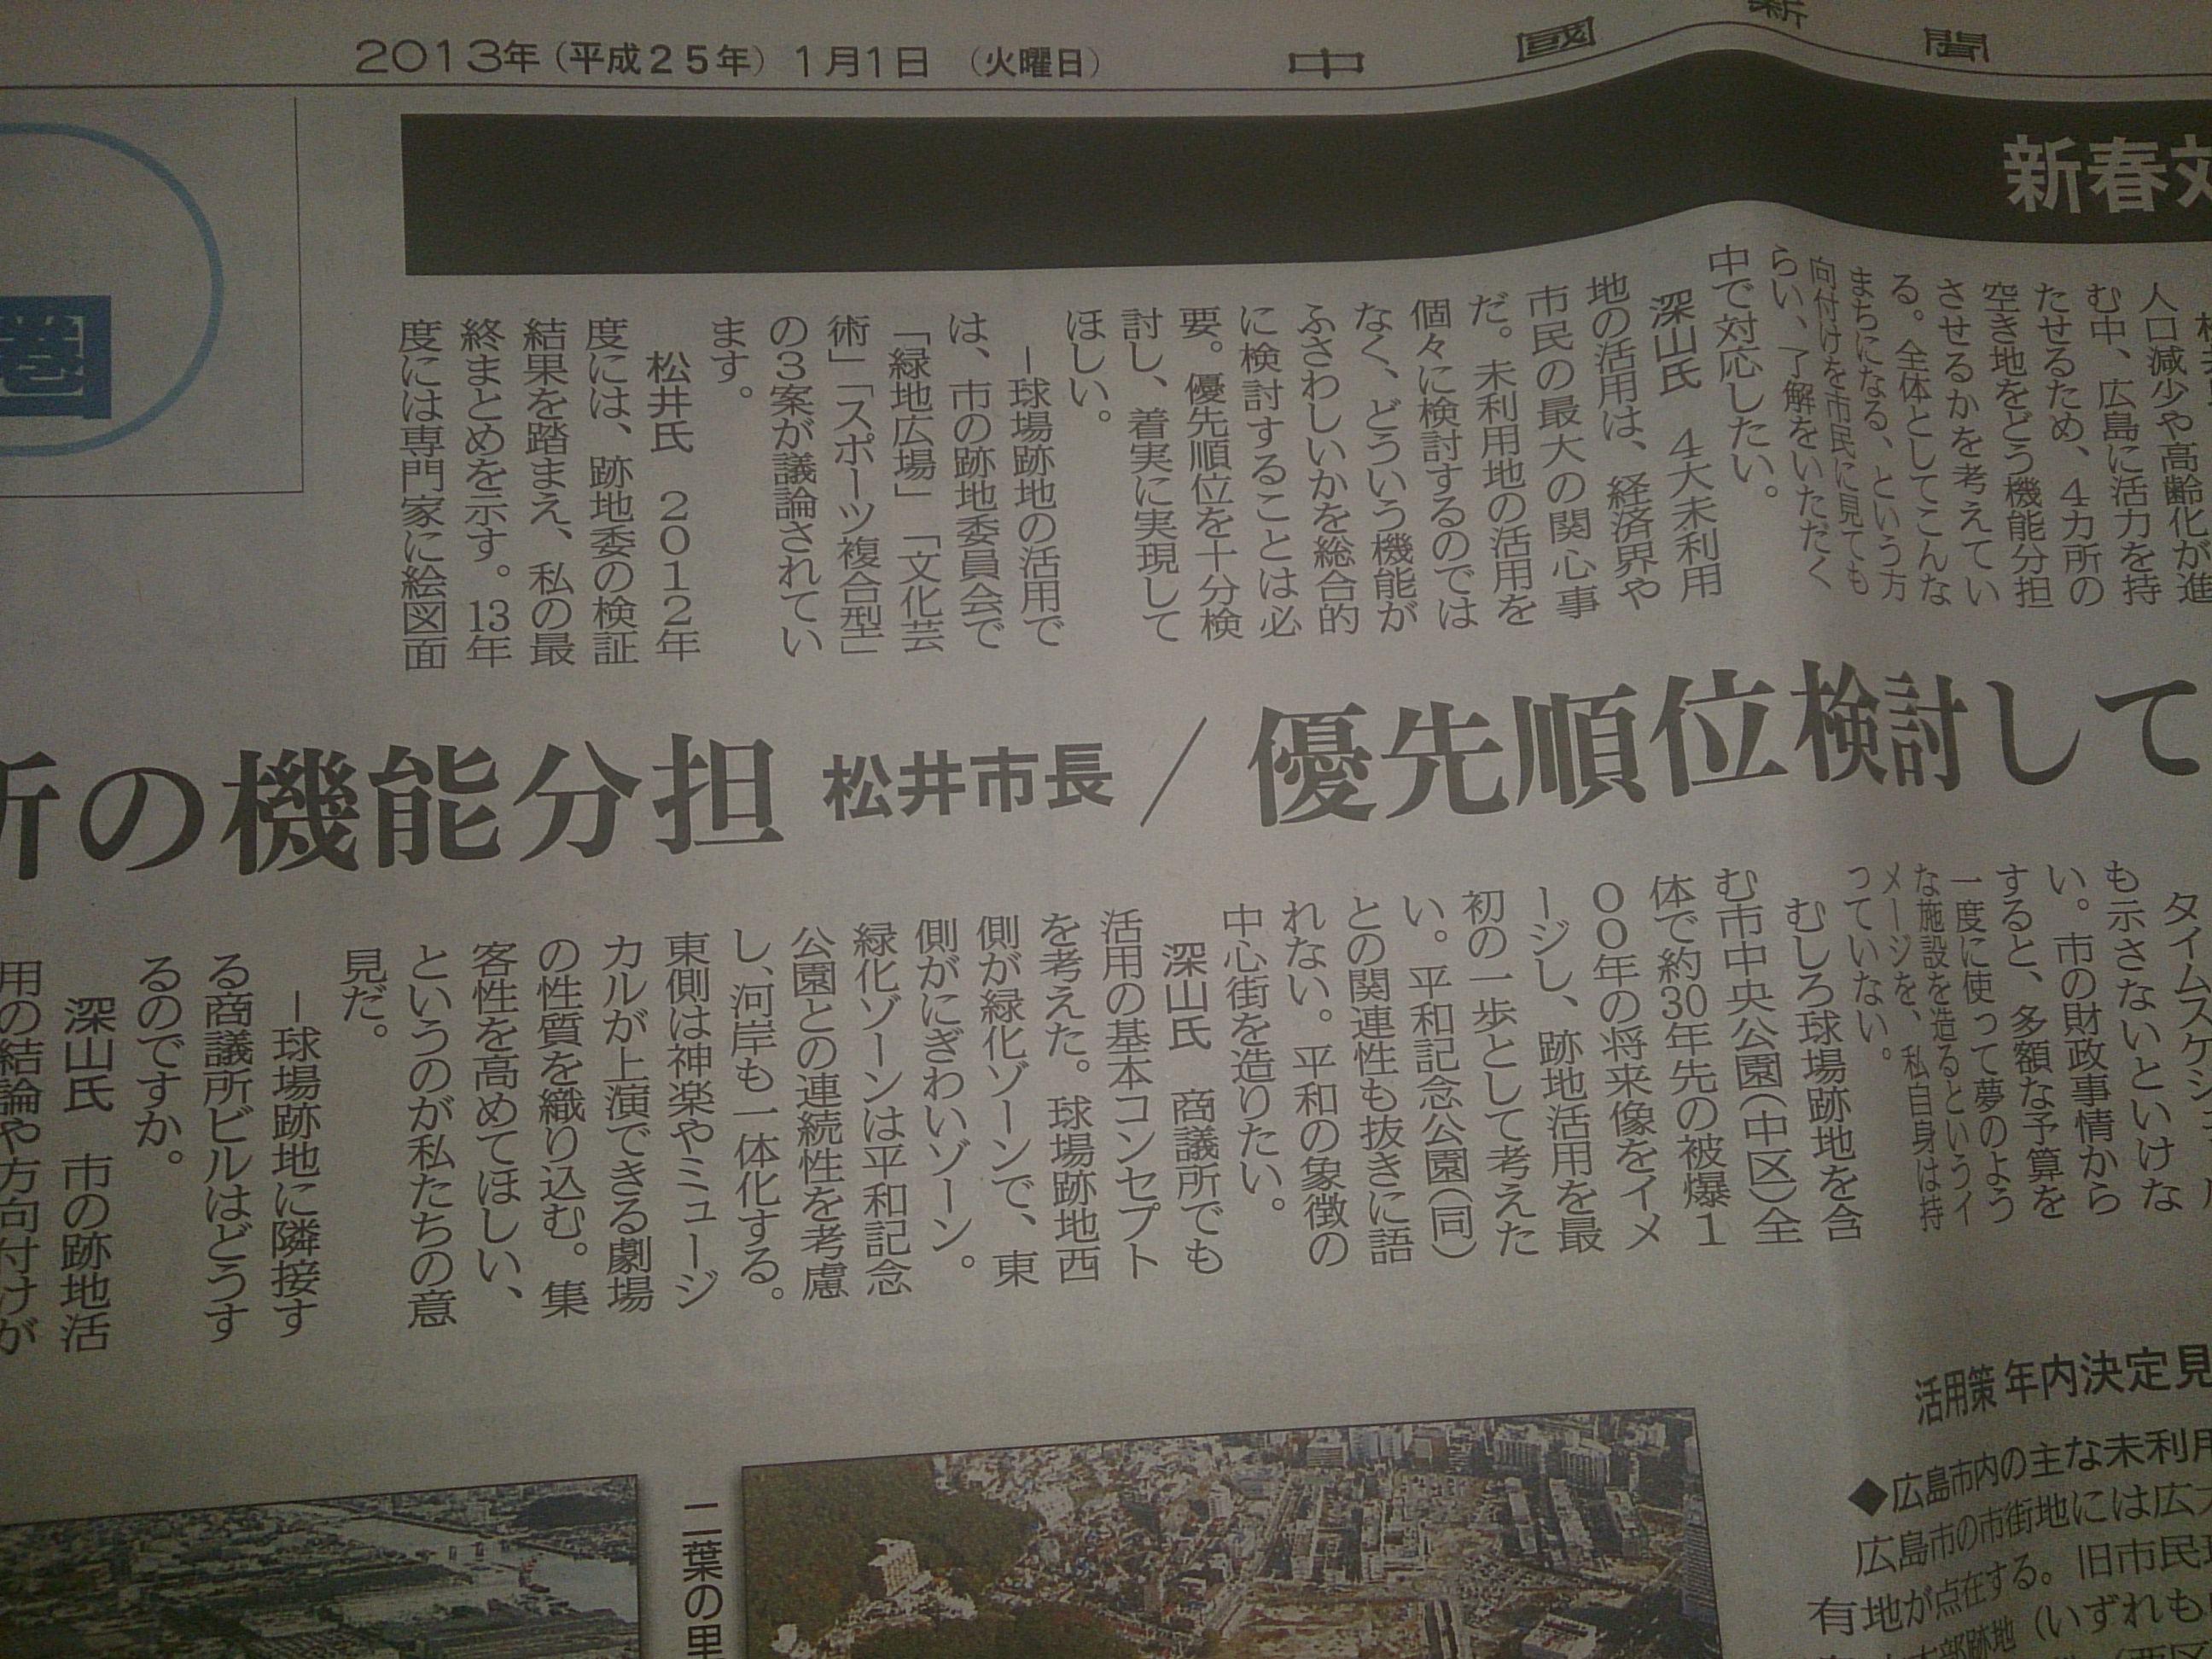 中国新聞20130101 002